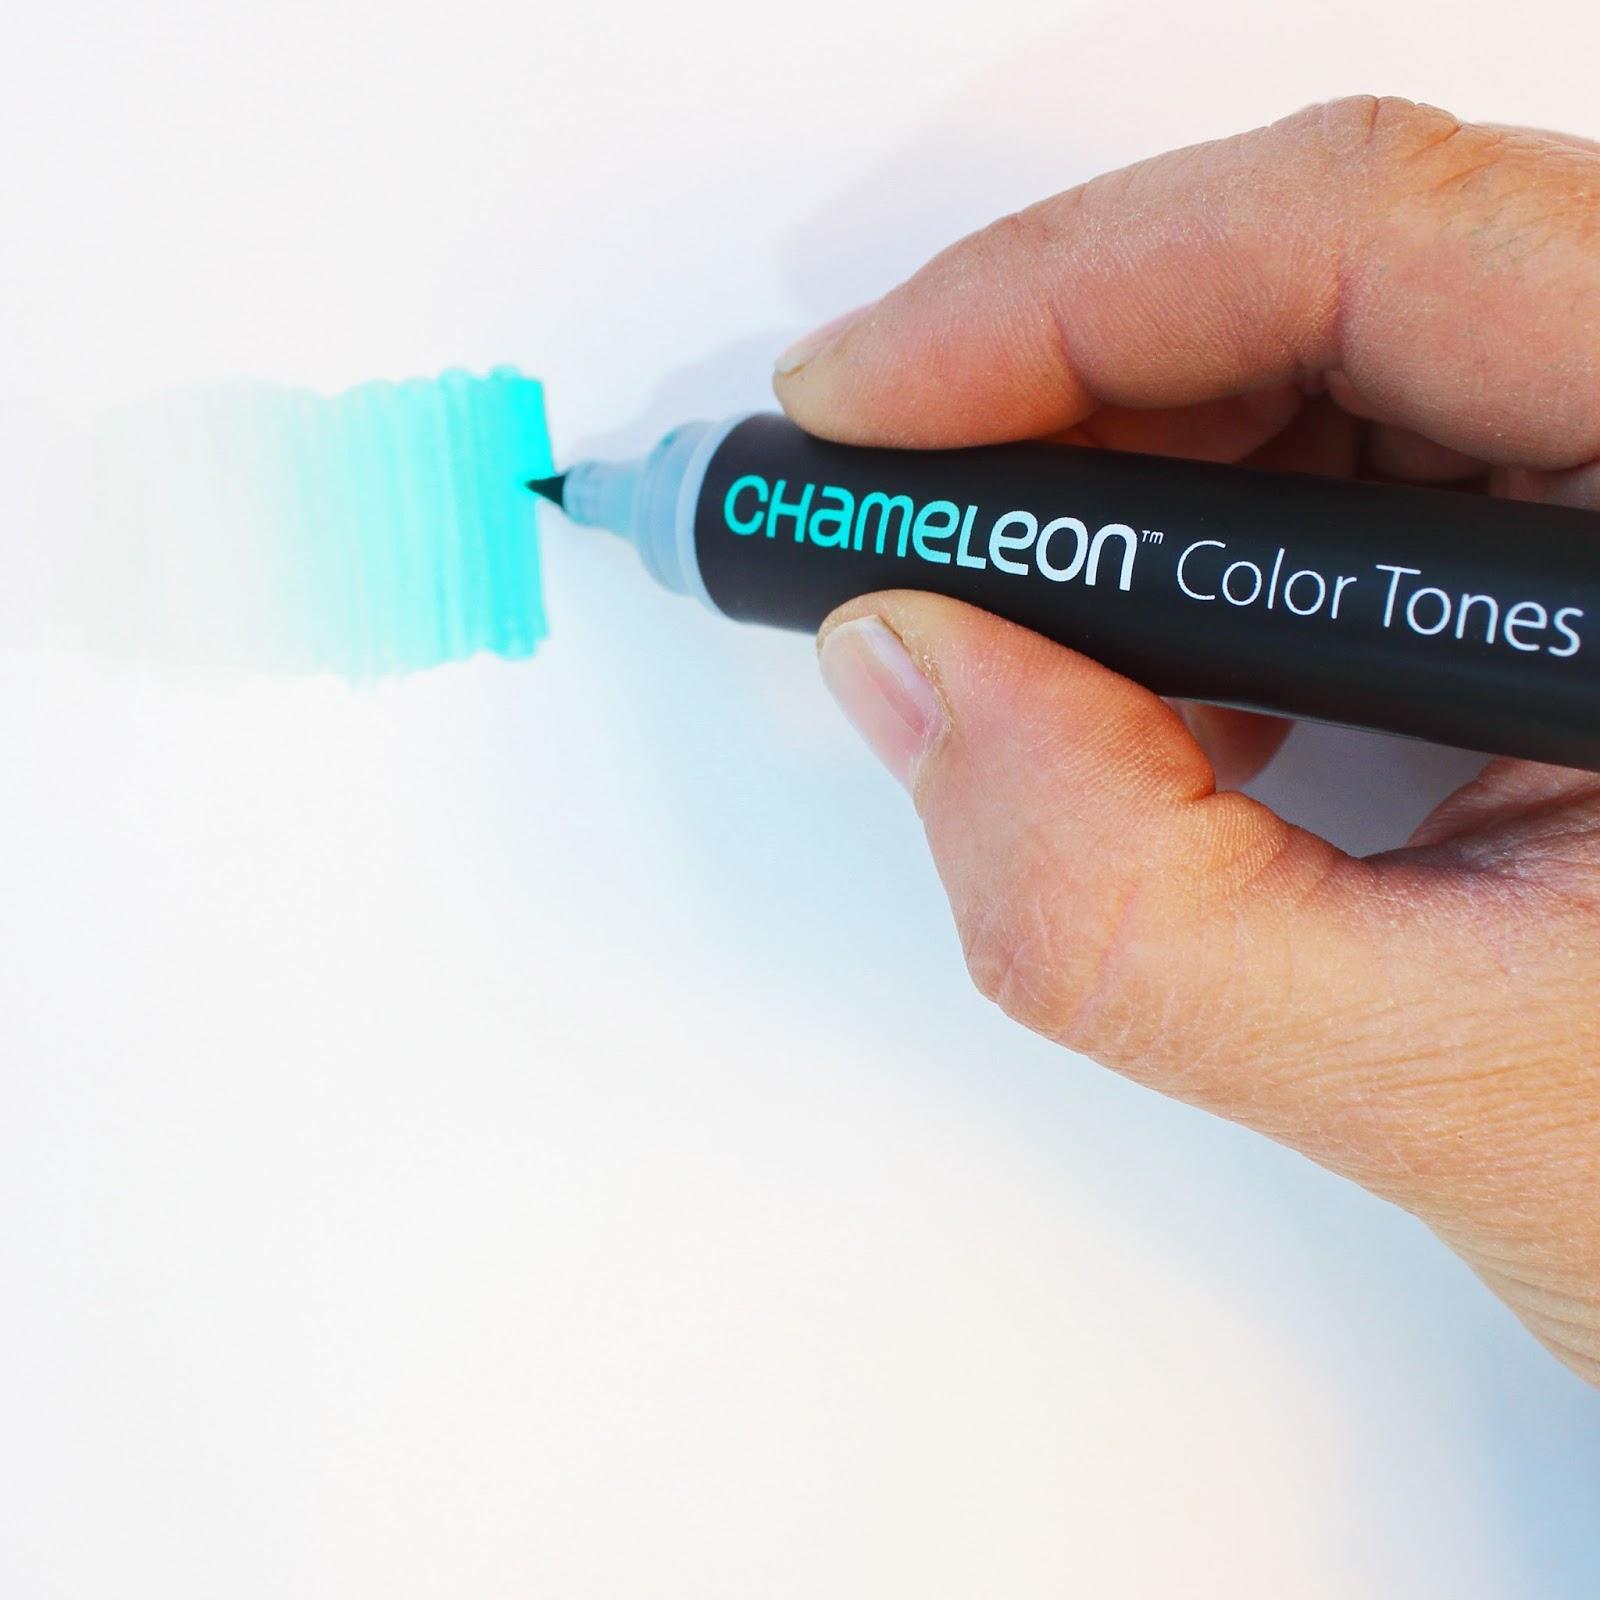 תוצאת תמונה עבור Chameleon Color Tones